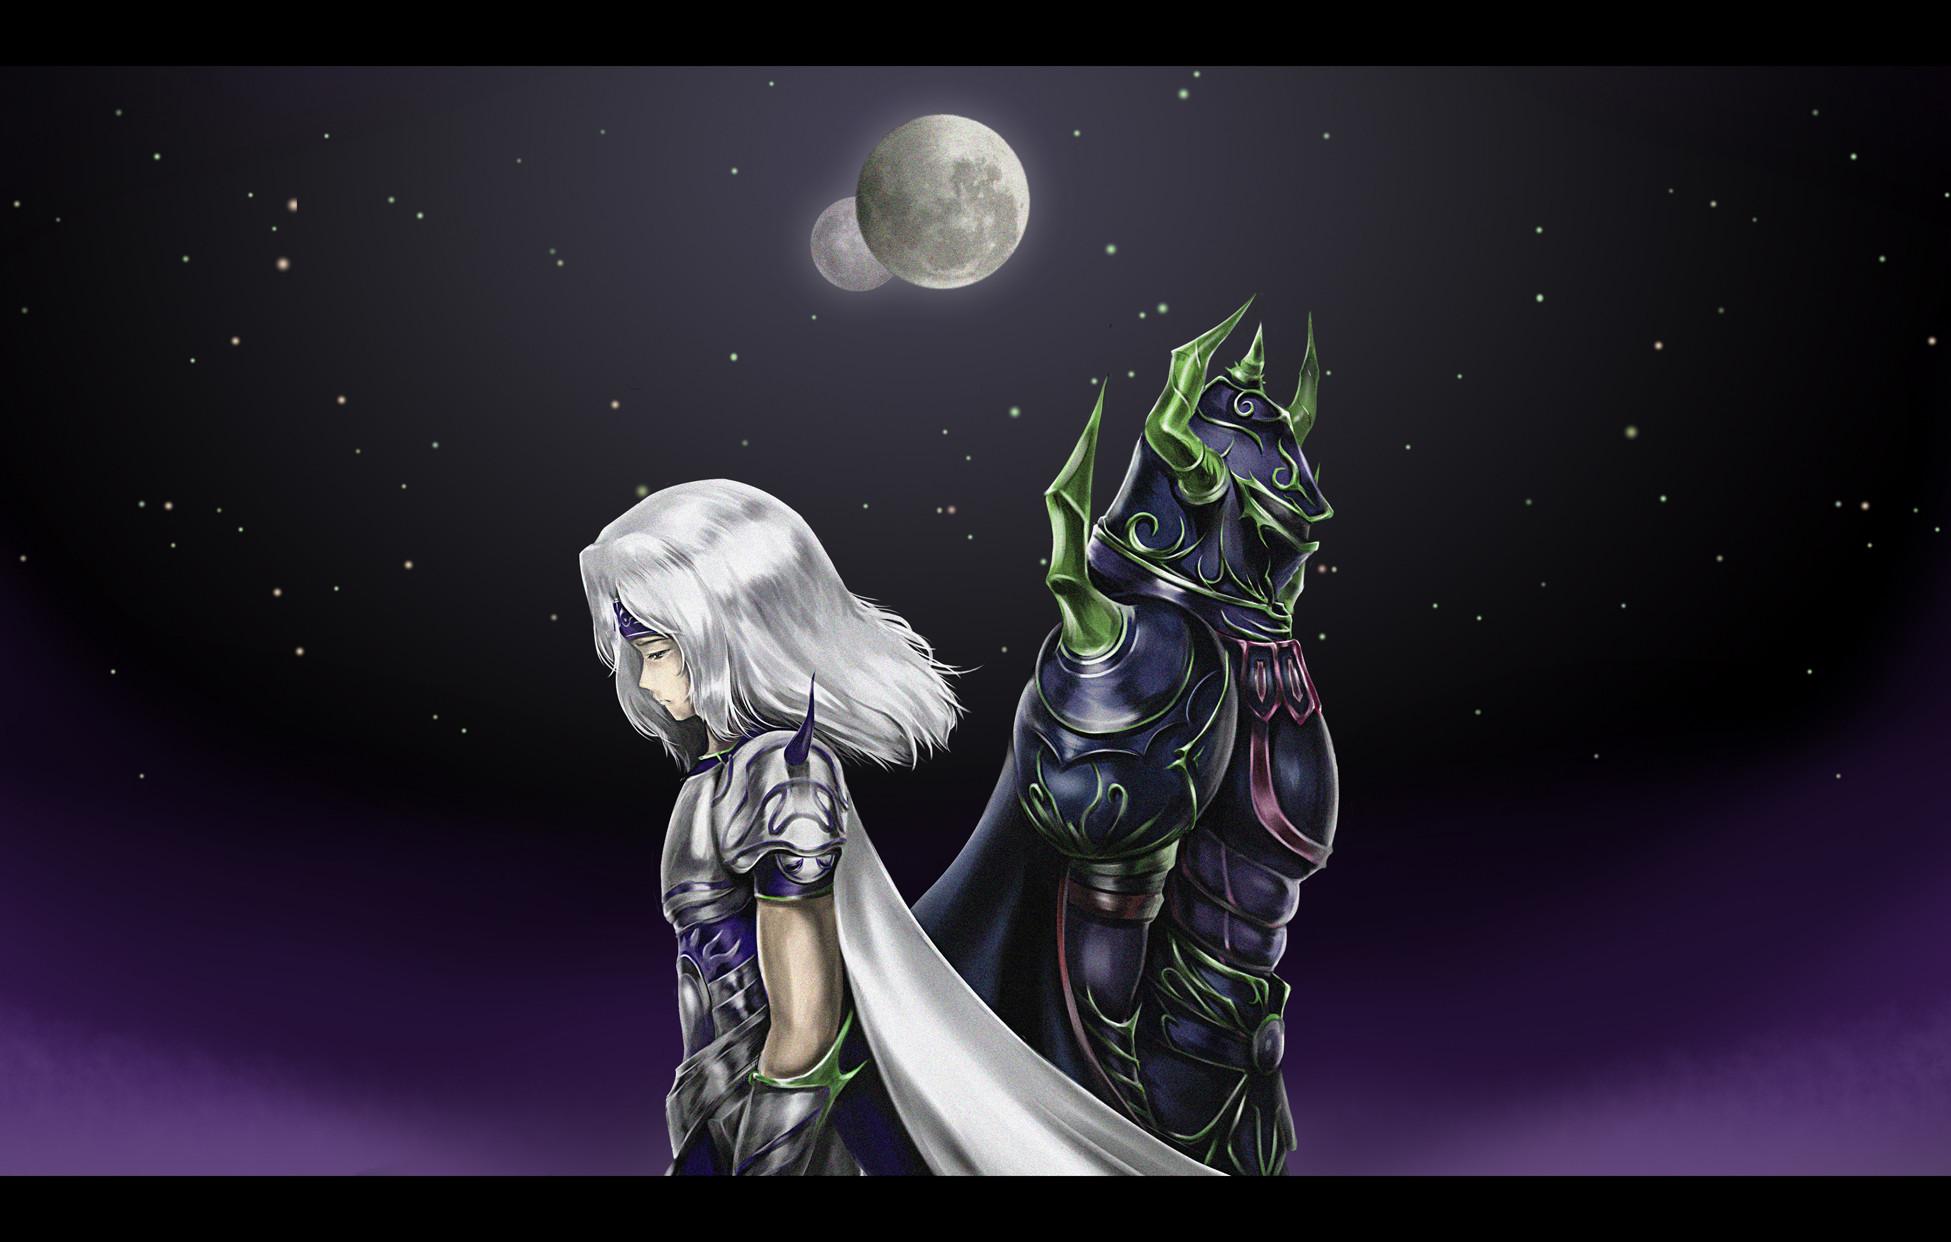 Final Fantasy IV fantasy art girls warrior sky stars moon night wallpaper |  | 35028 | WallpaperUP